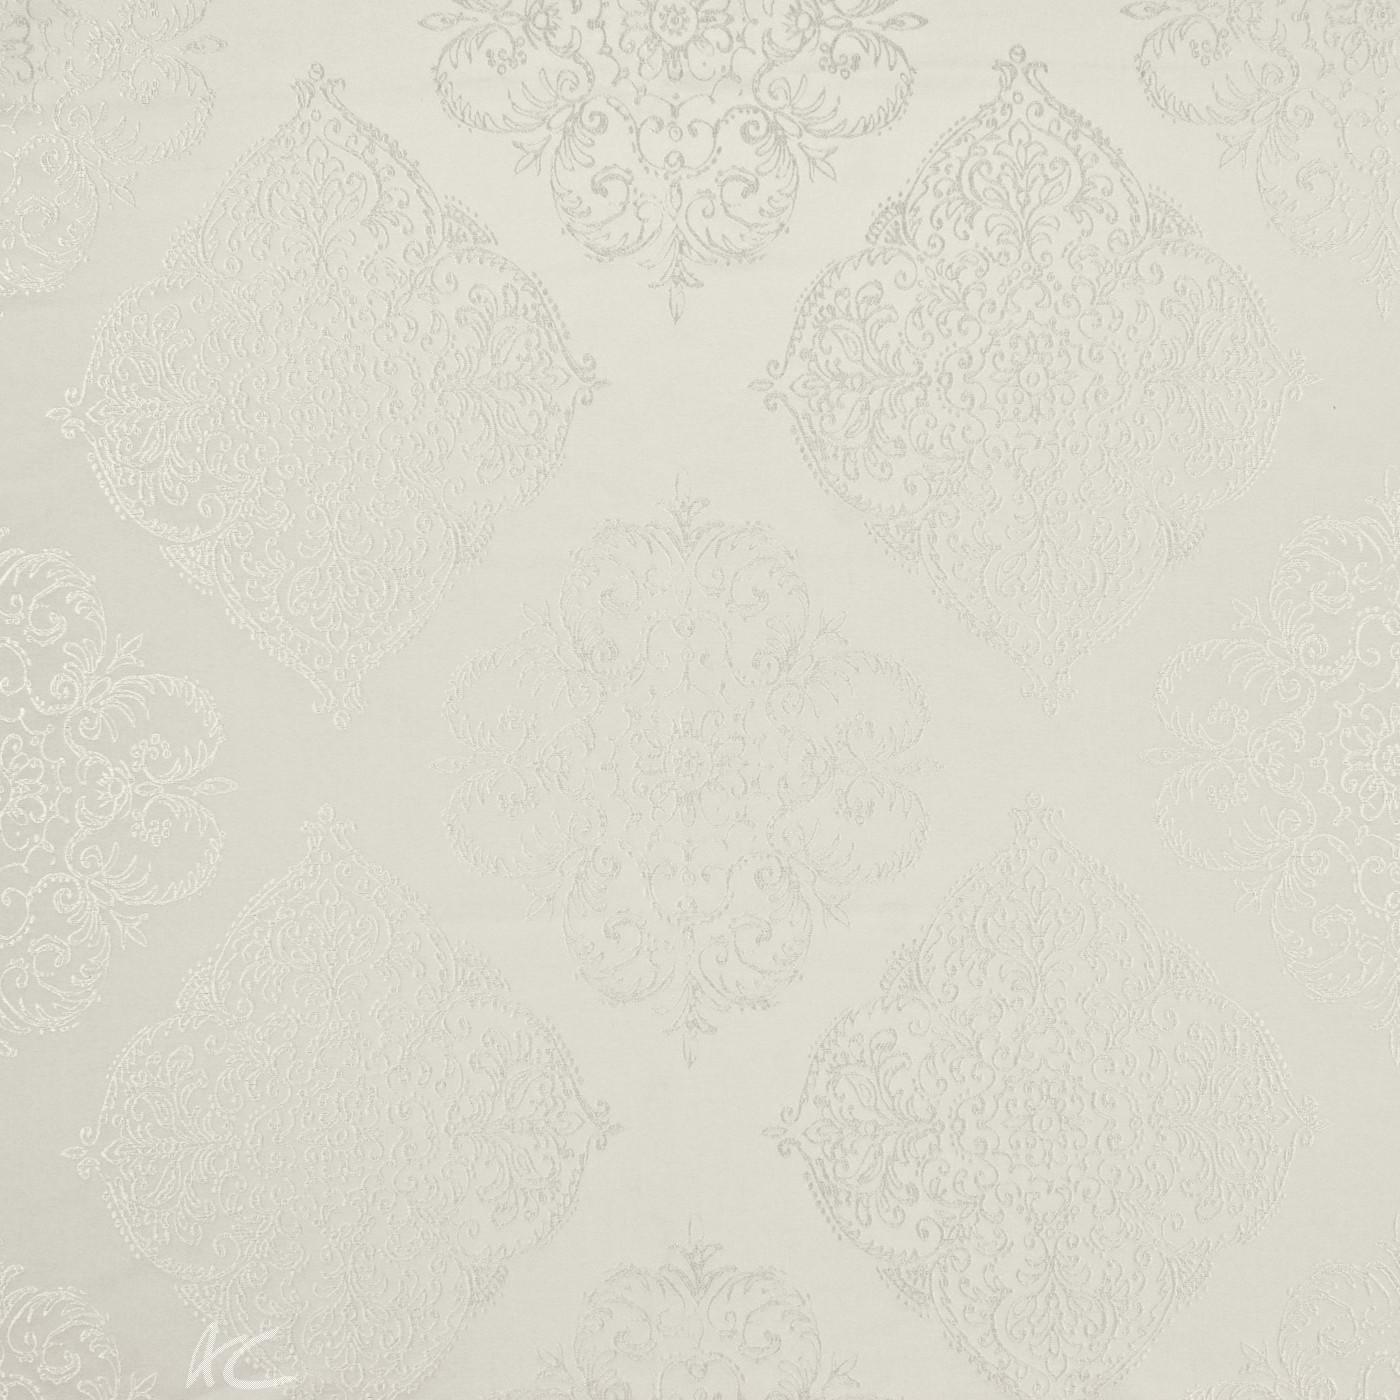 Prestigious Textiles Baroque Adella Pearl Curtain Fabric